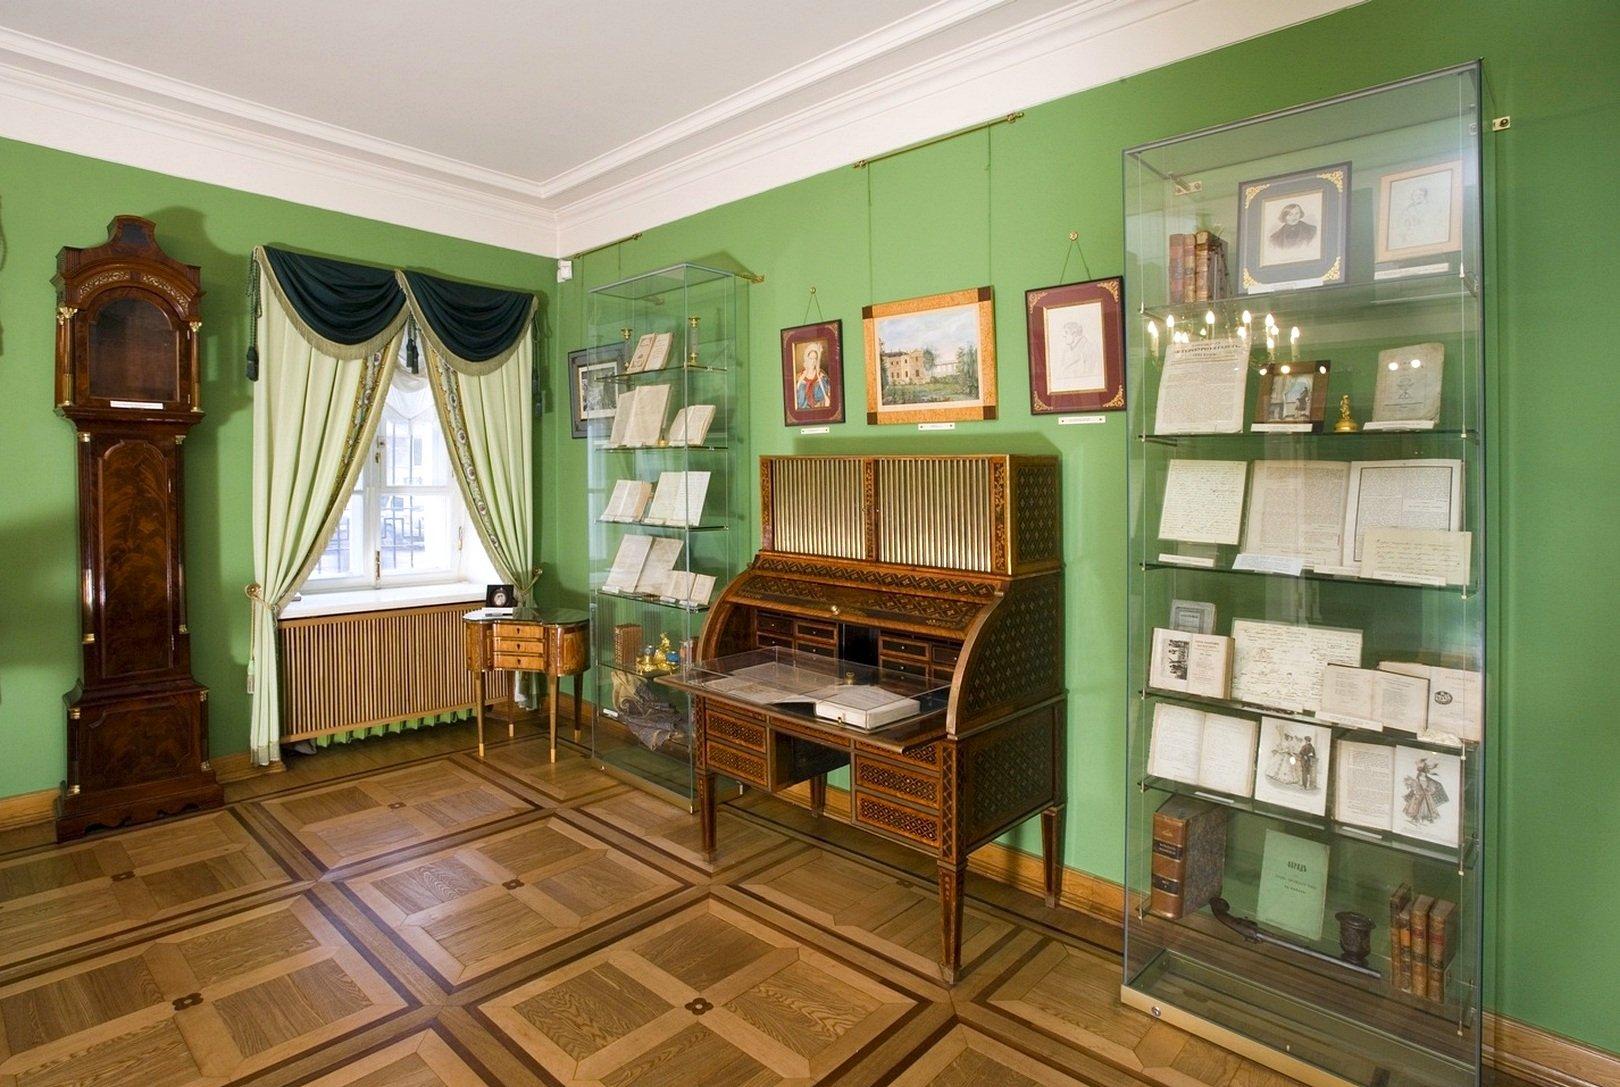 Музей пушкина мойка 12 цена билета дюсолей цирк купит билет